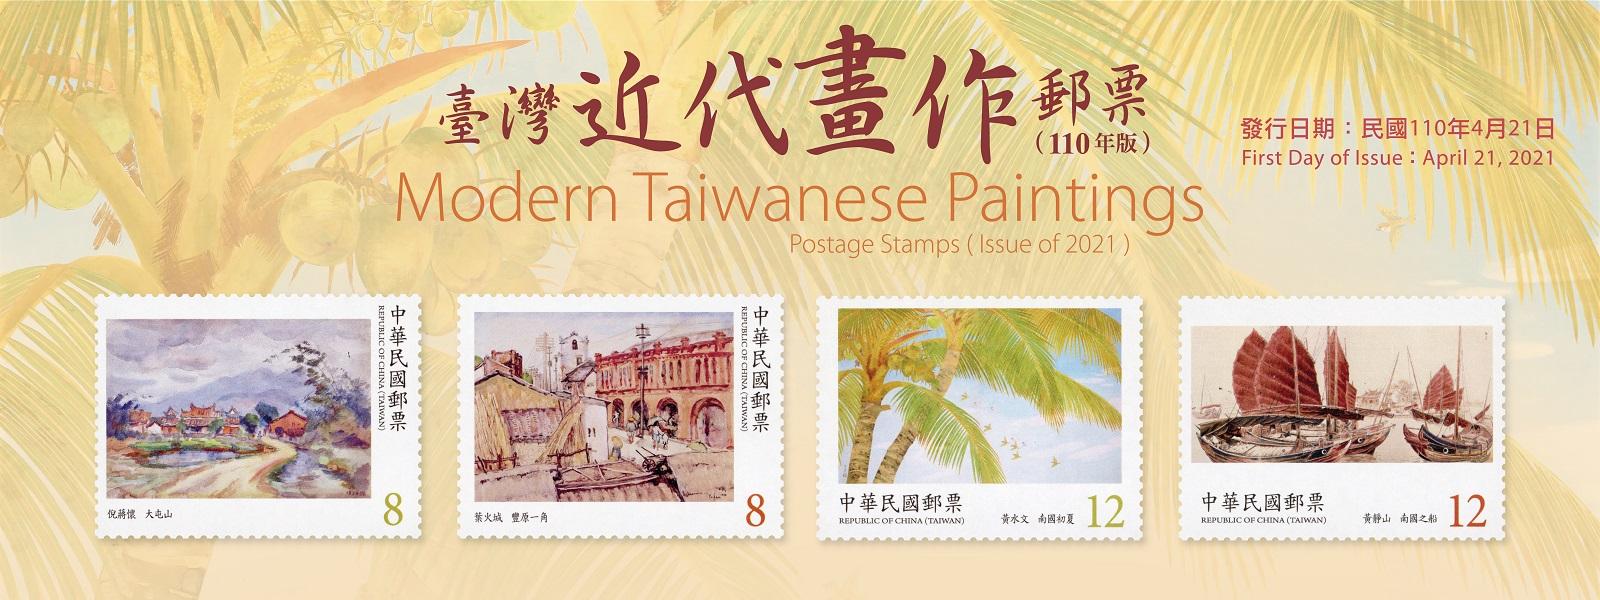 廣告連結:特706 臺灣近代畫作郵票(110年版)